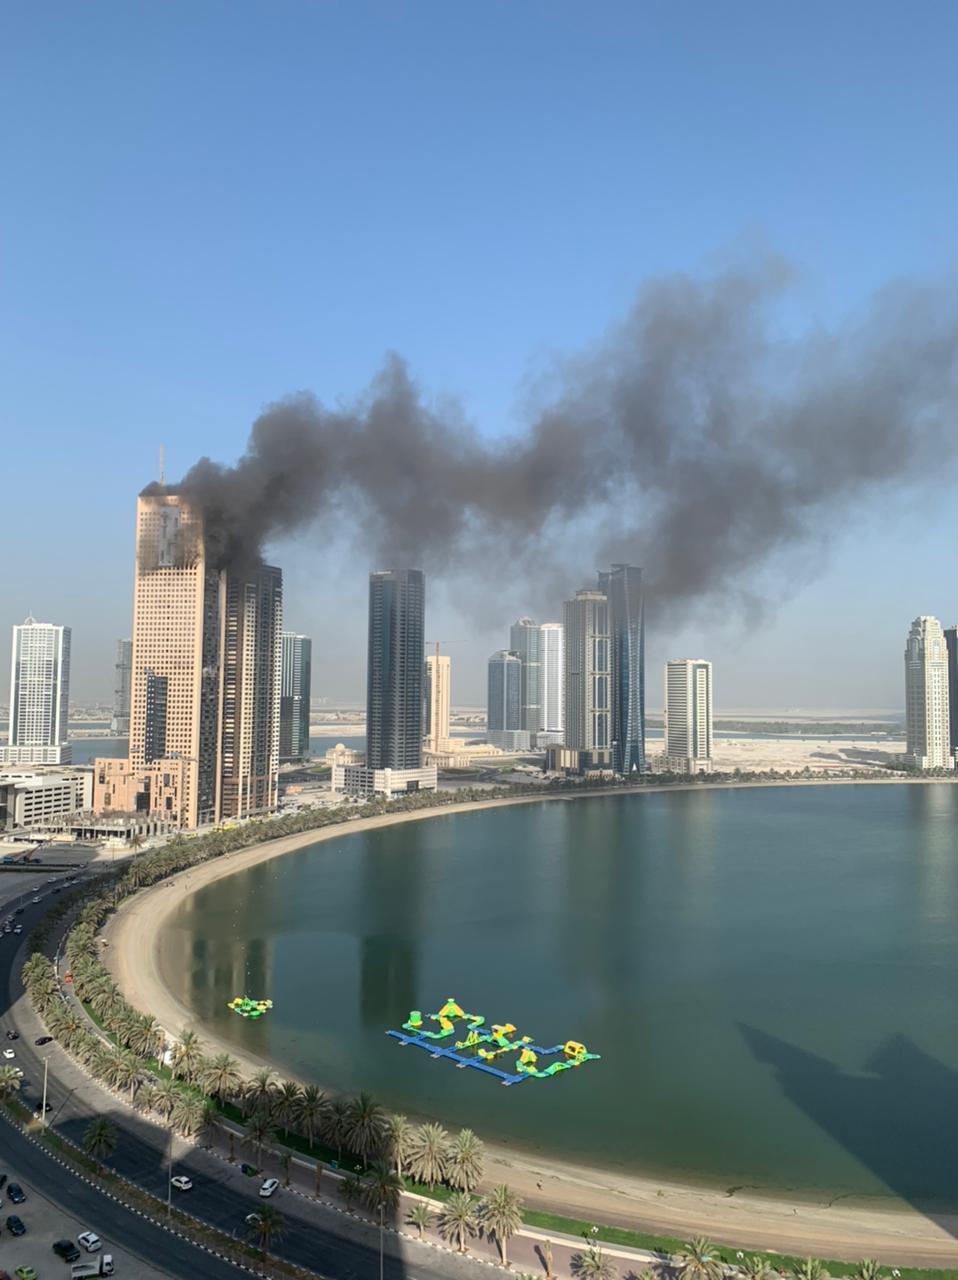 حريق في أحد الأبراج بالشارقة